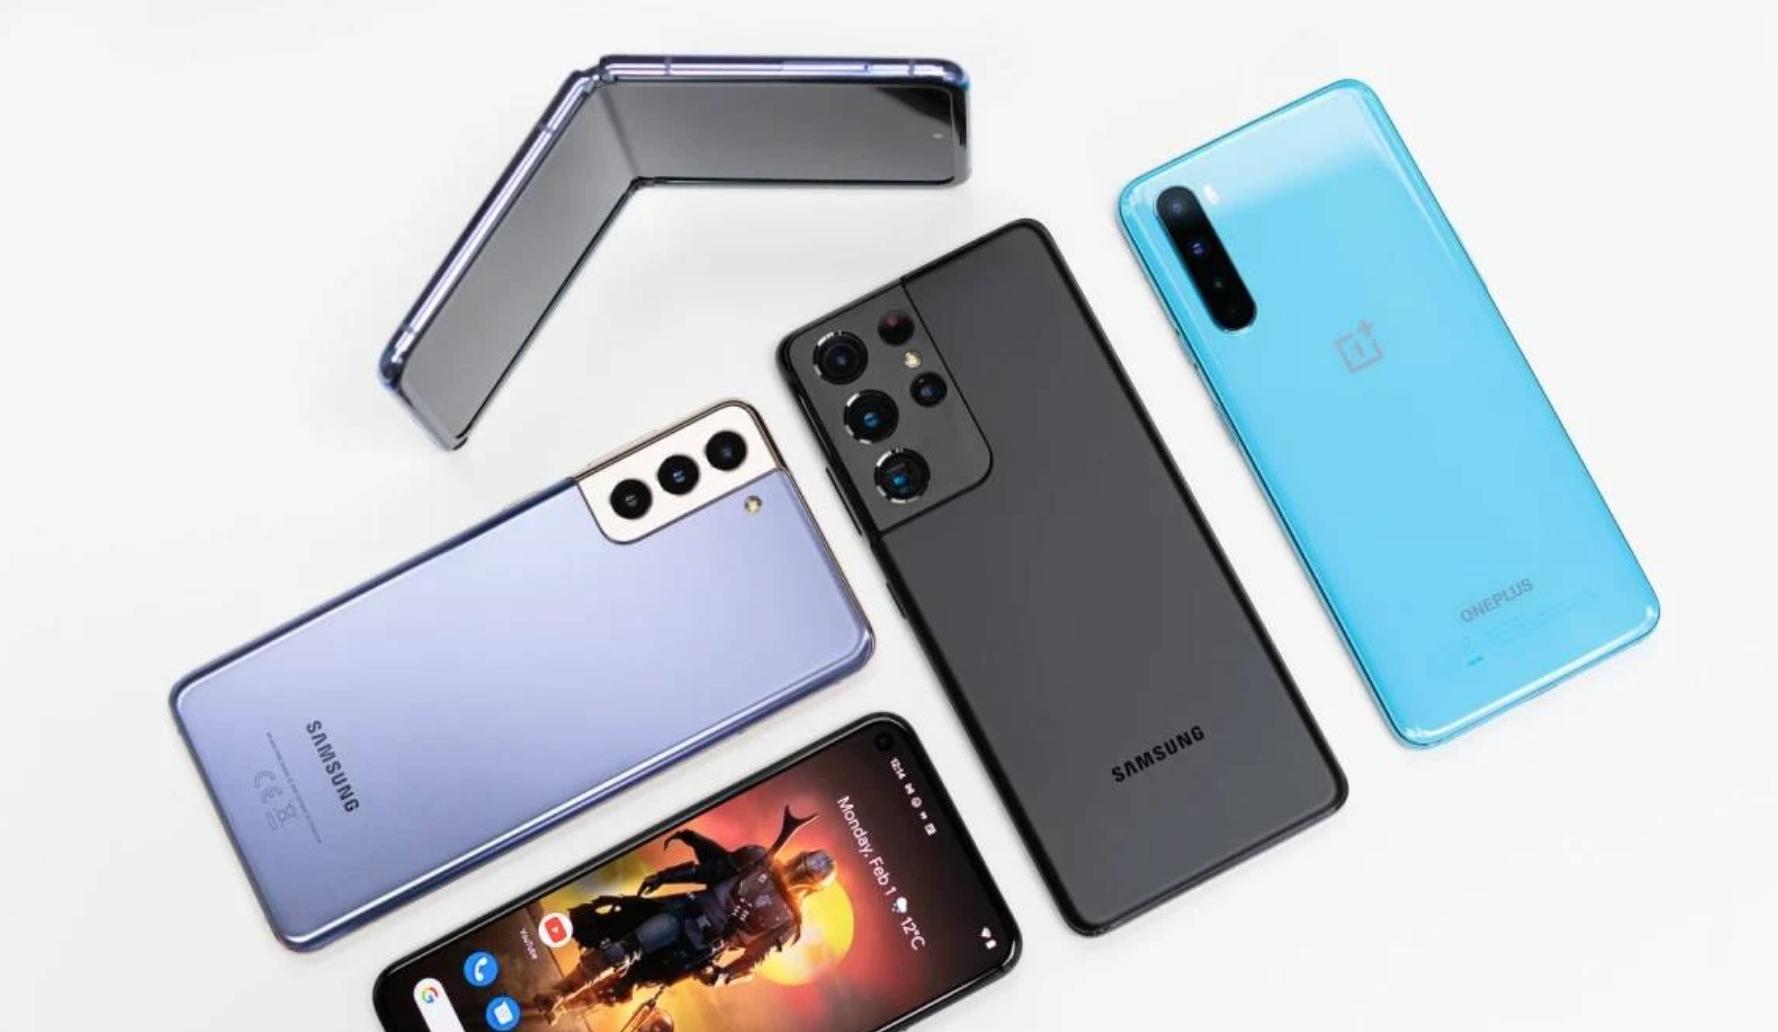 Điện thoại Android sắp có đột phá về hiệu năng, vượt mặt iPhone?